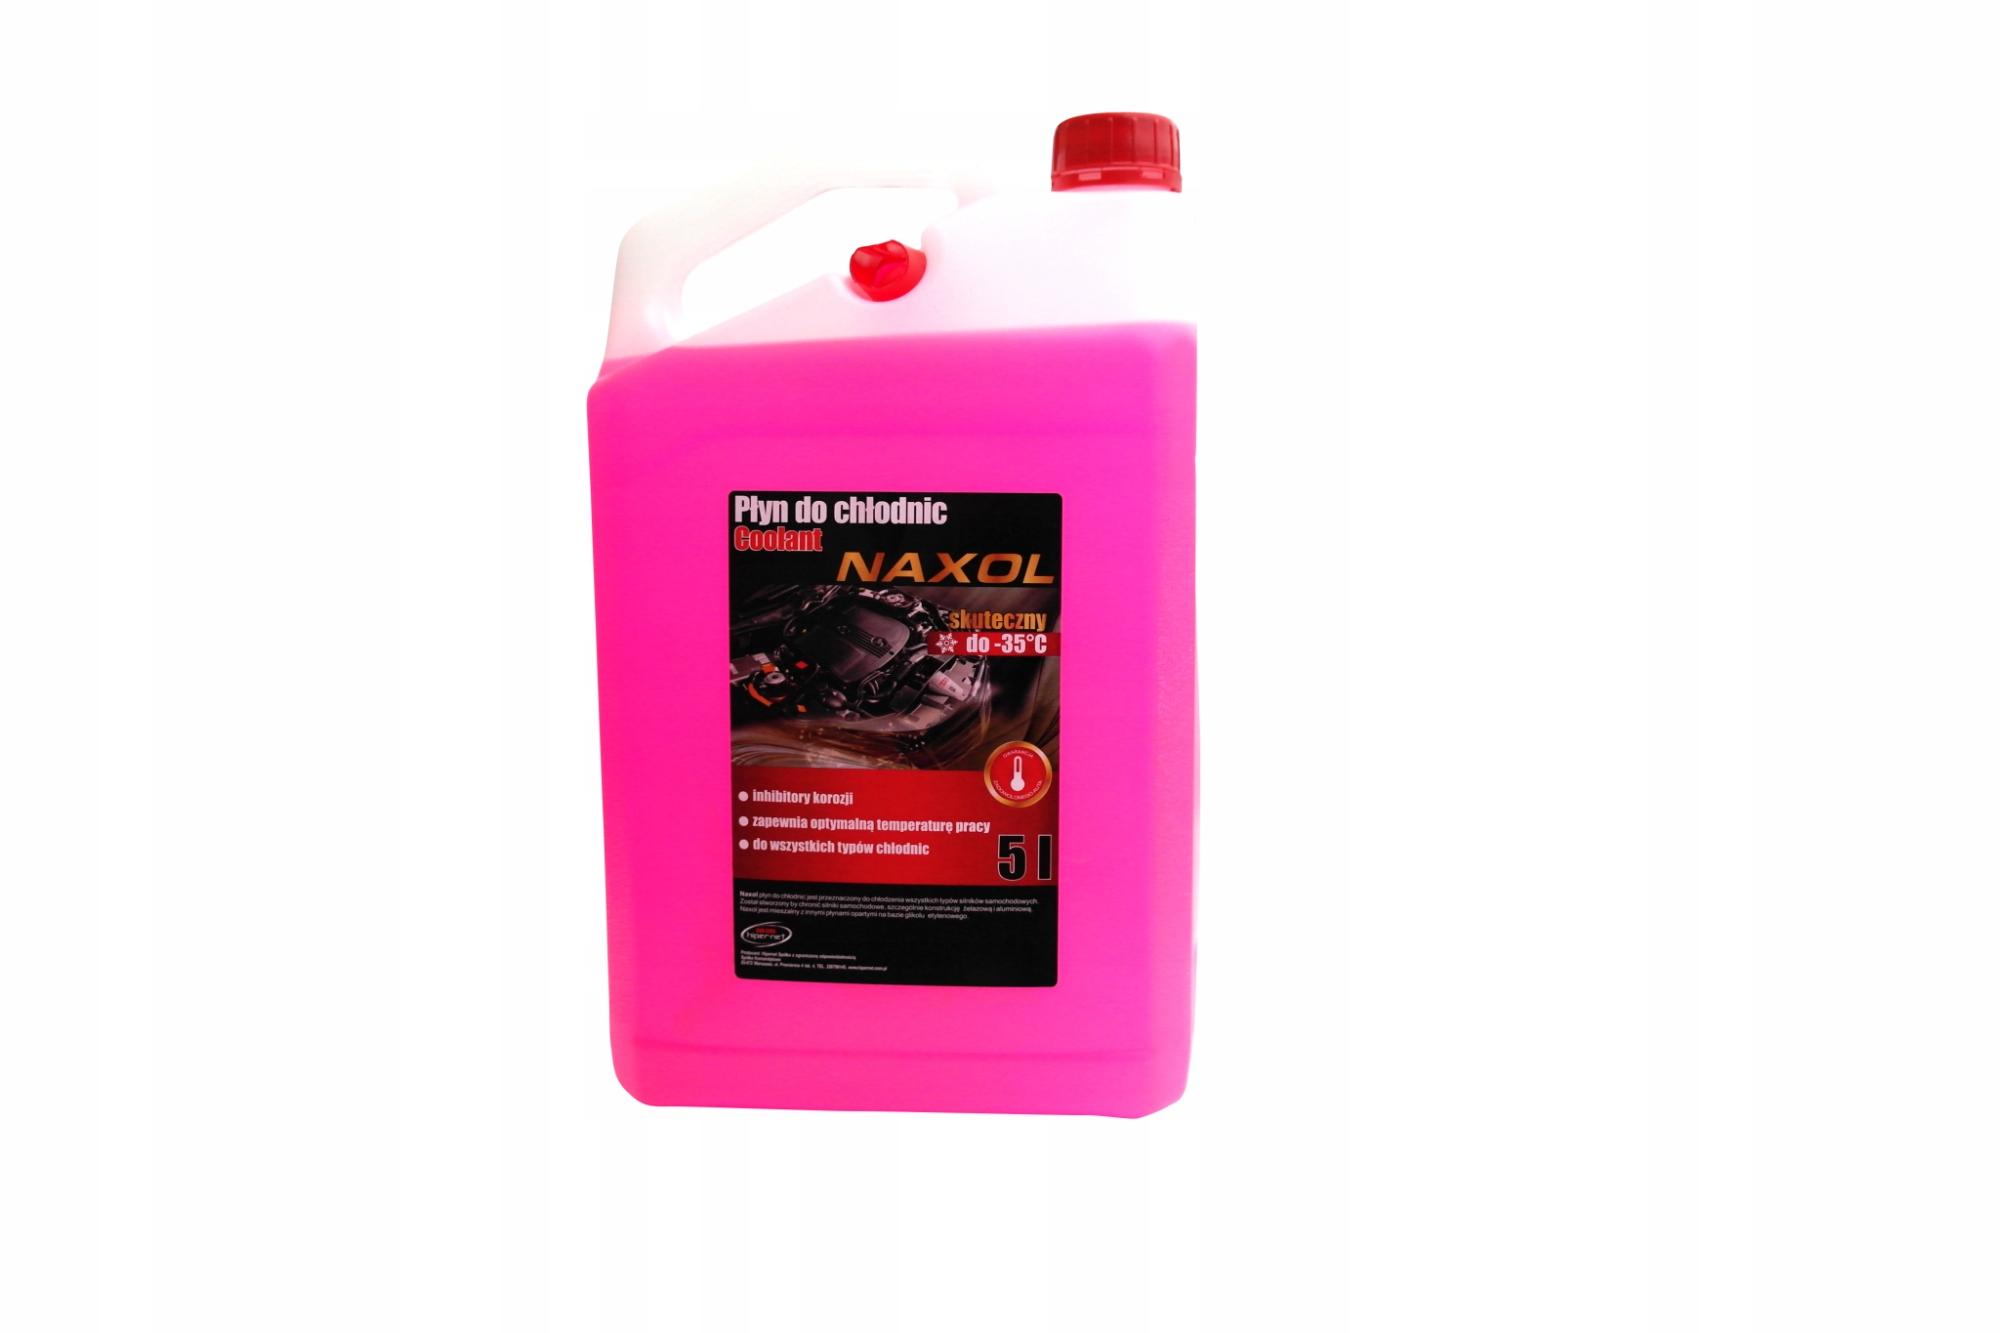 płyn do chłodnic różowy naxol